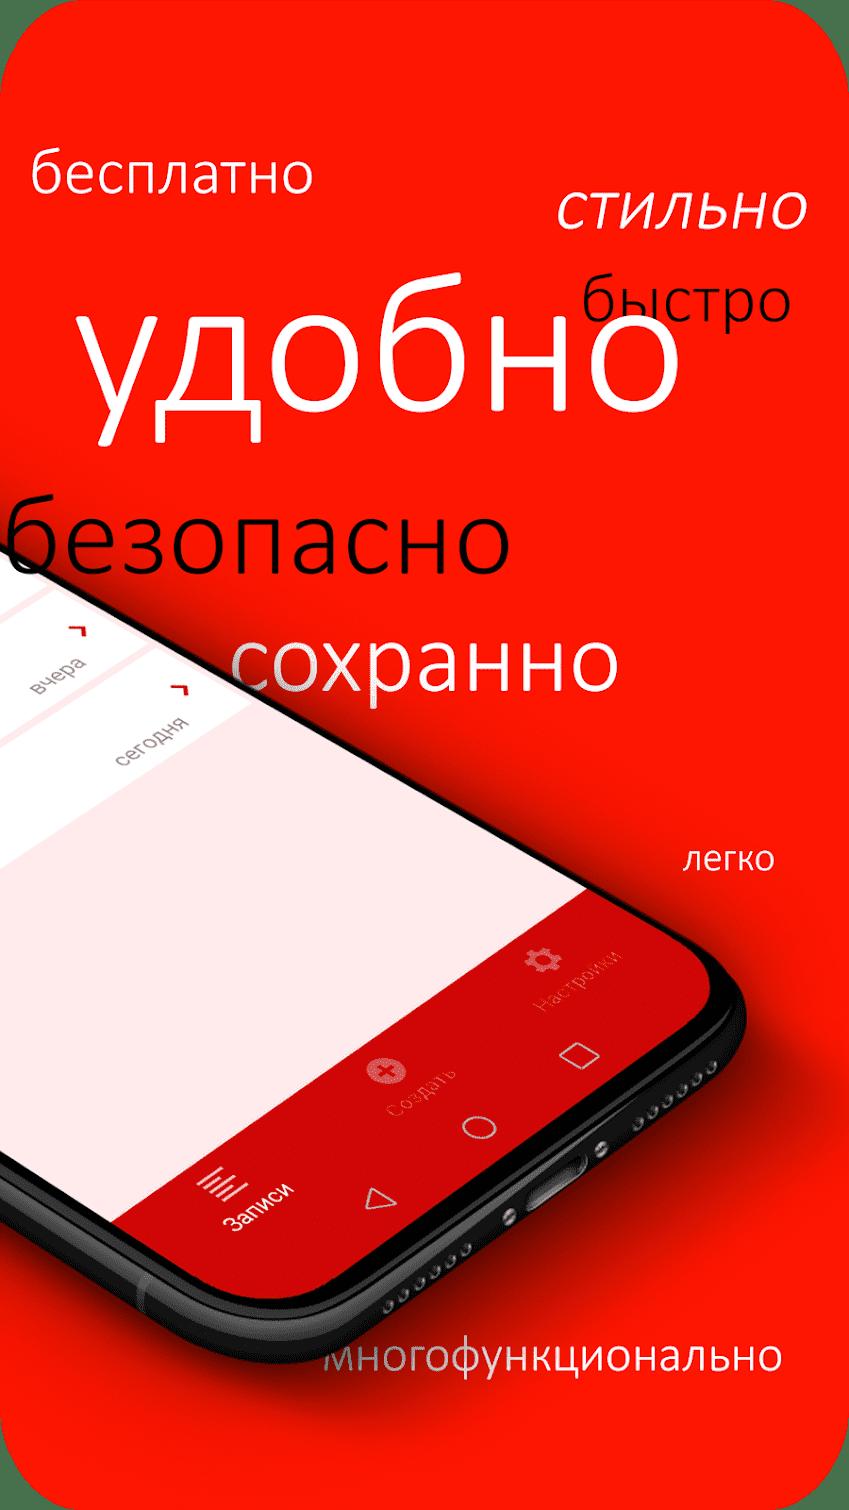 Krasnyj bloknot скриншот 2